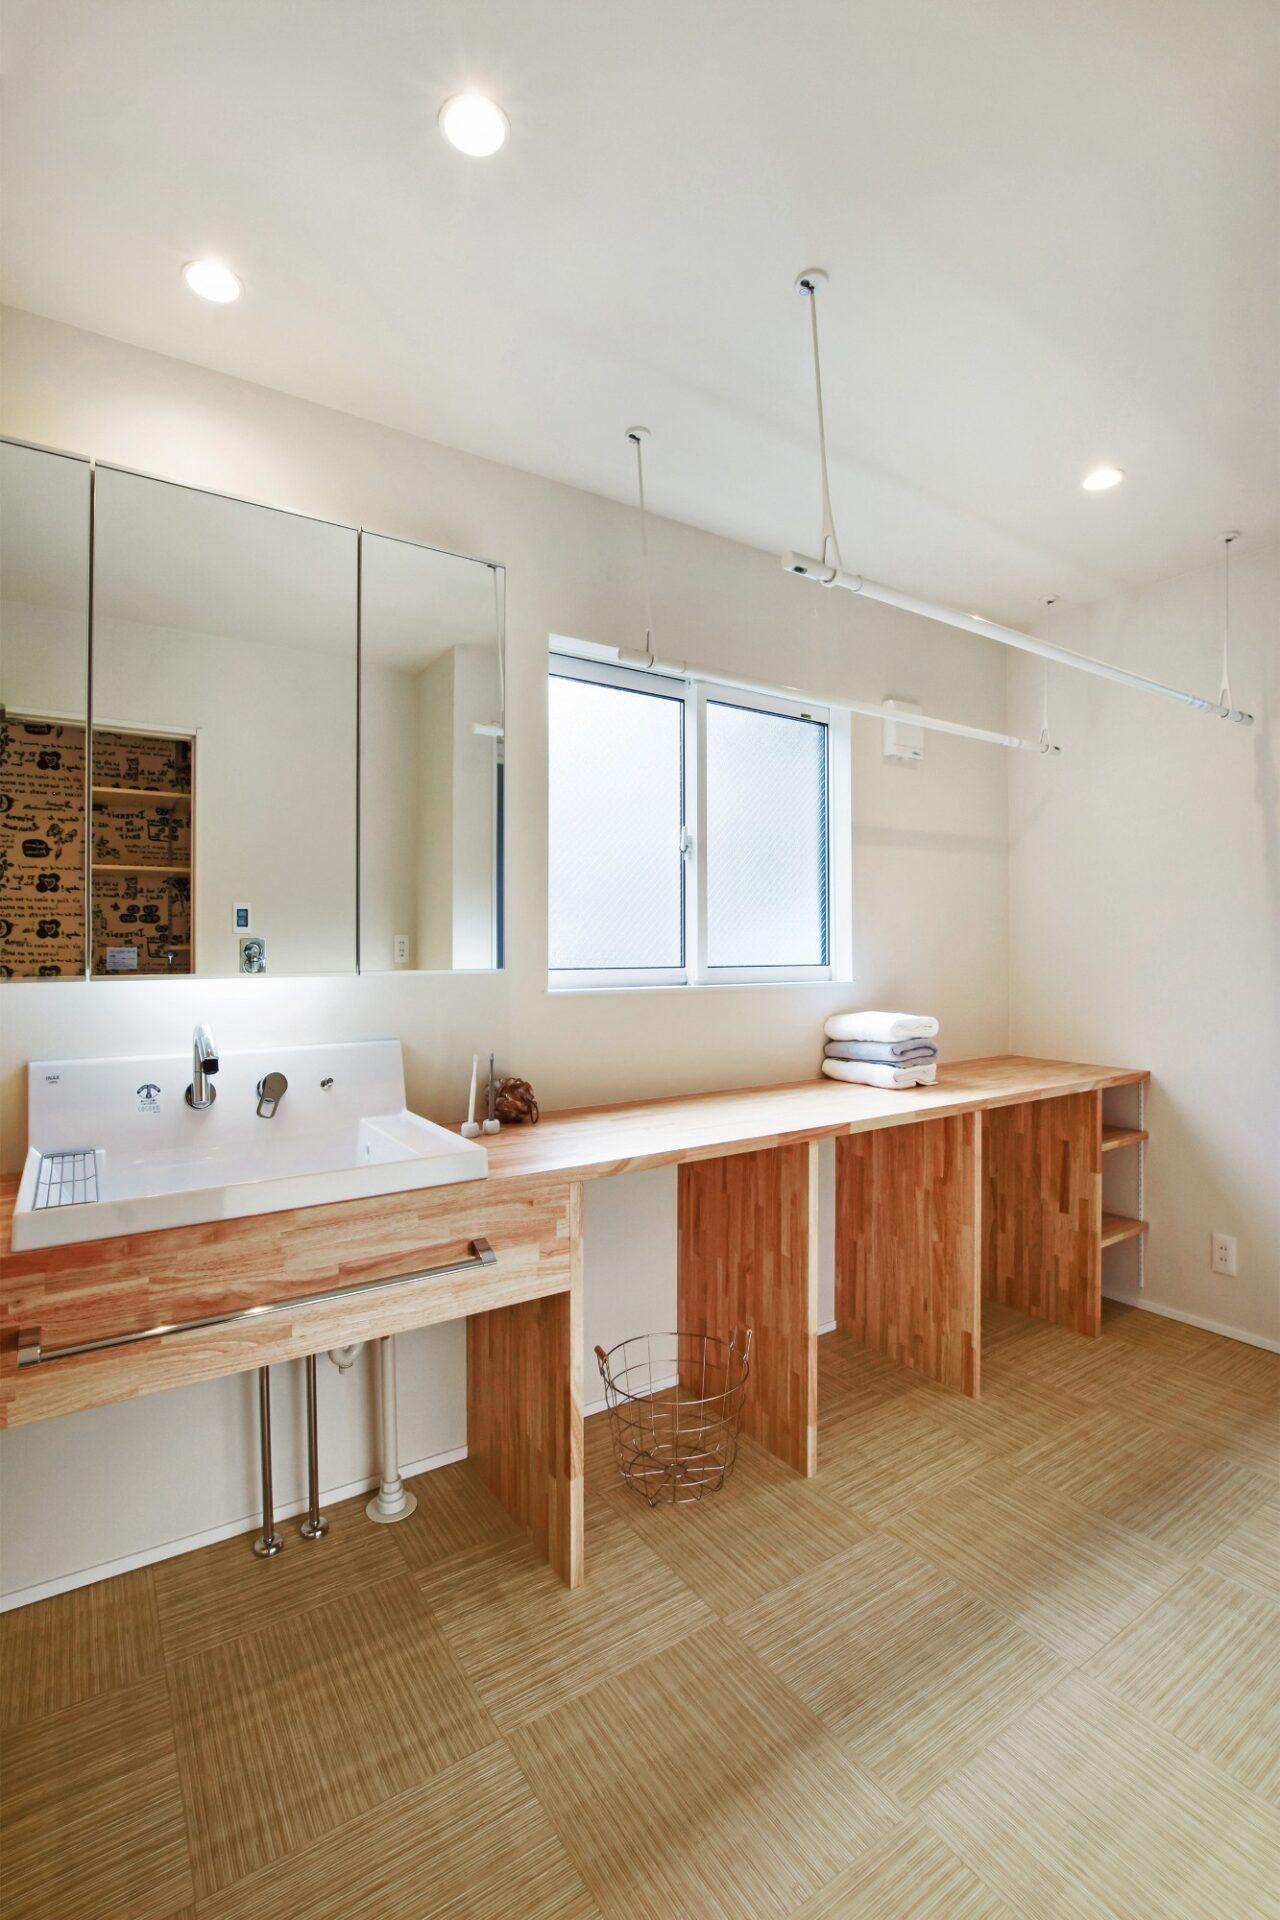 『集い』を考えた二世帯同居型住宅(DETAIL HOME(ディテールホーム))